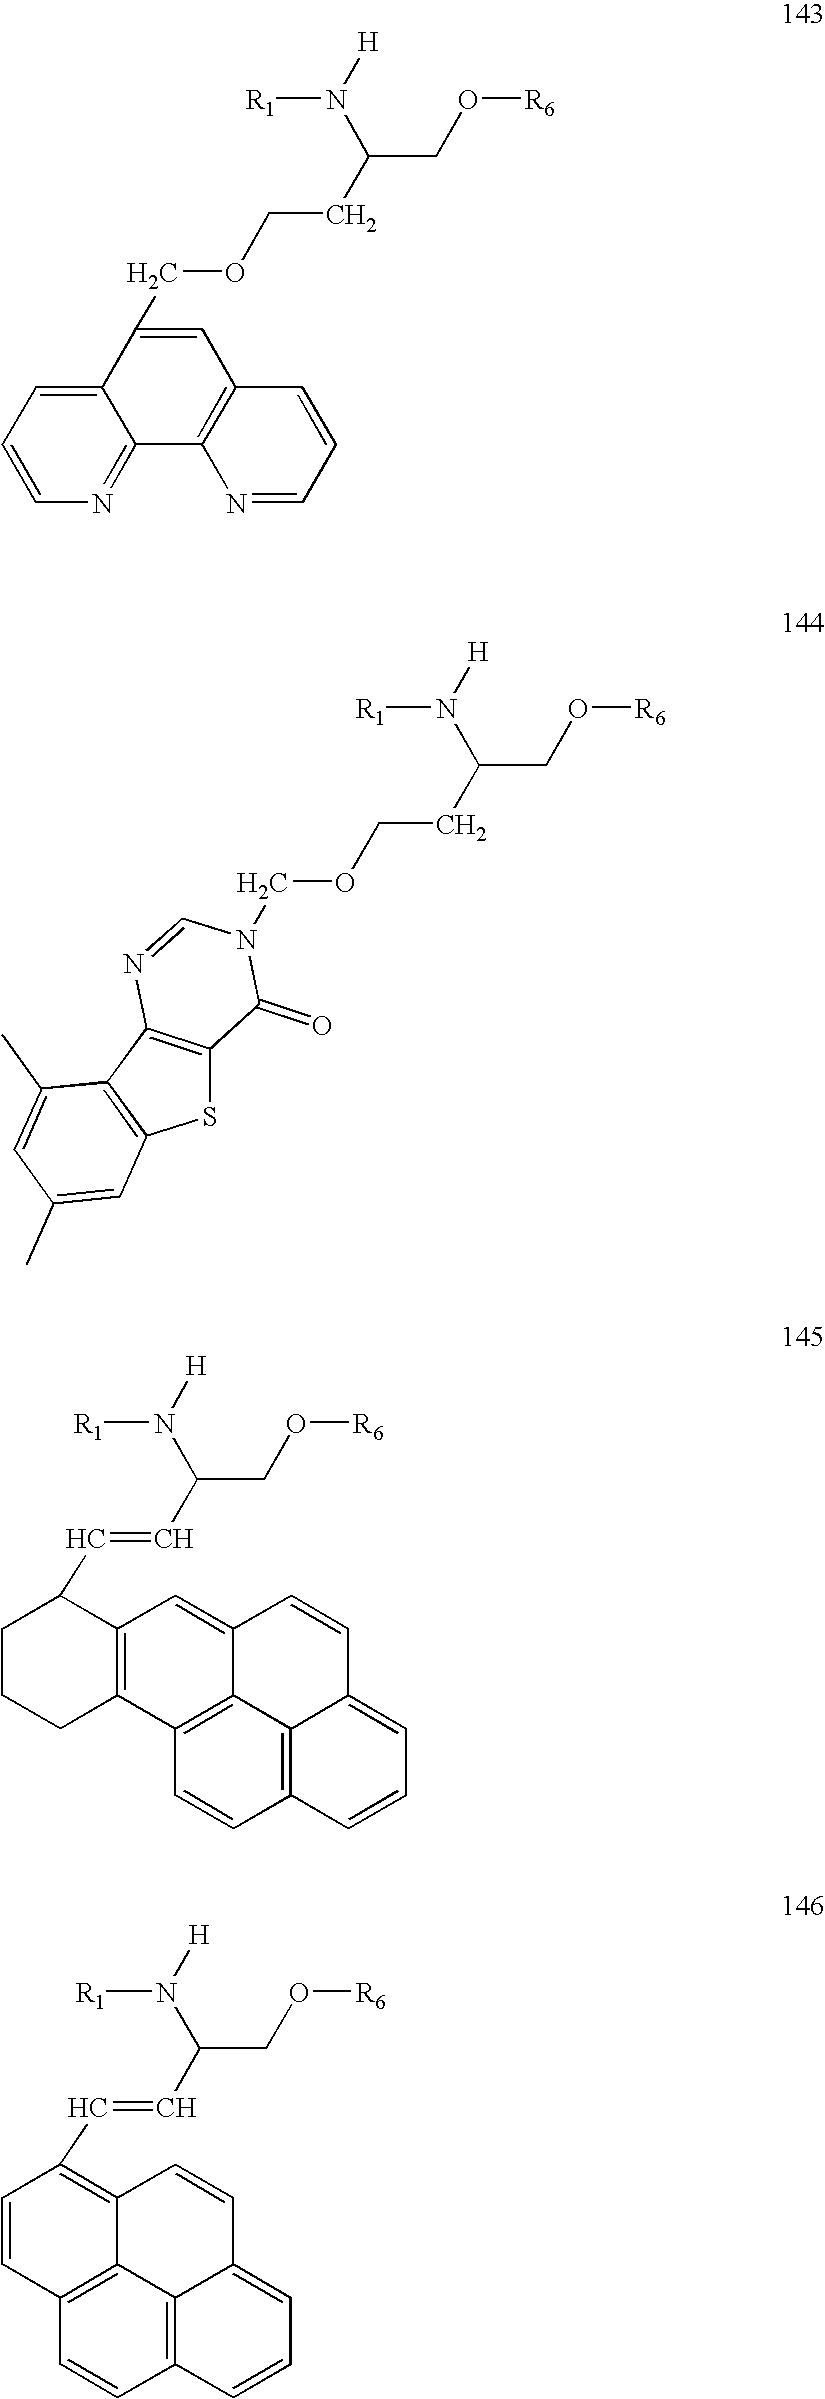 Figure US20060014144A1-20060119-C00119